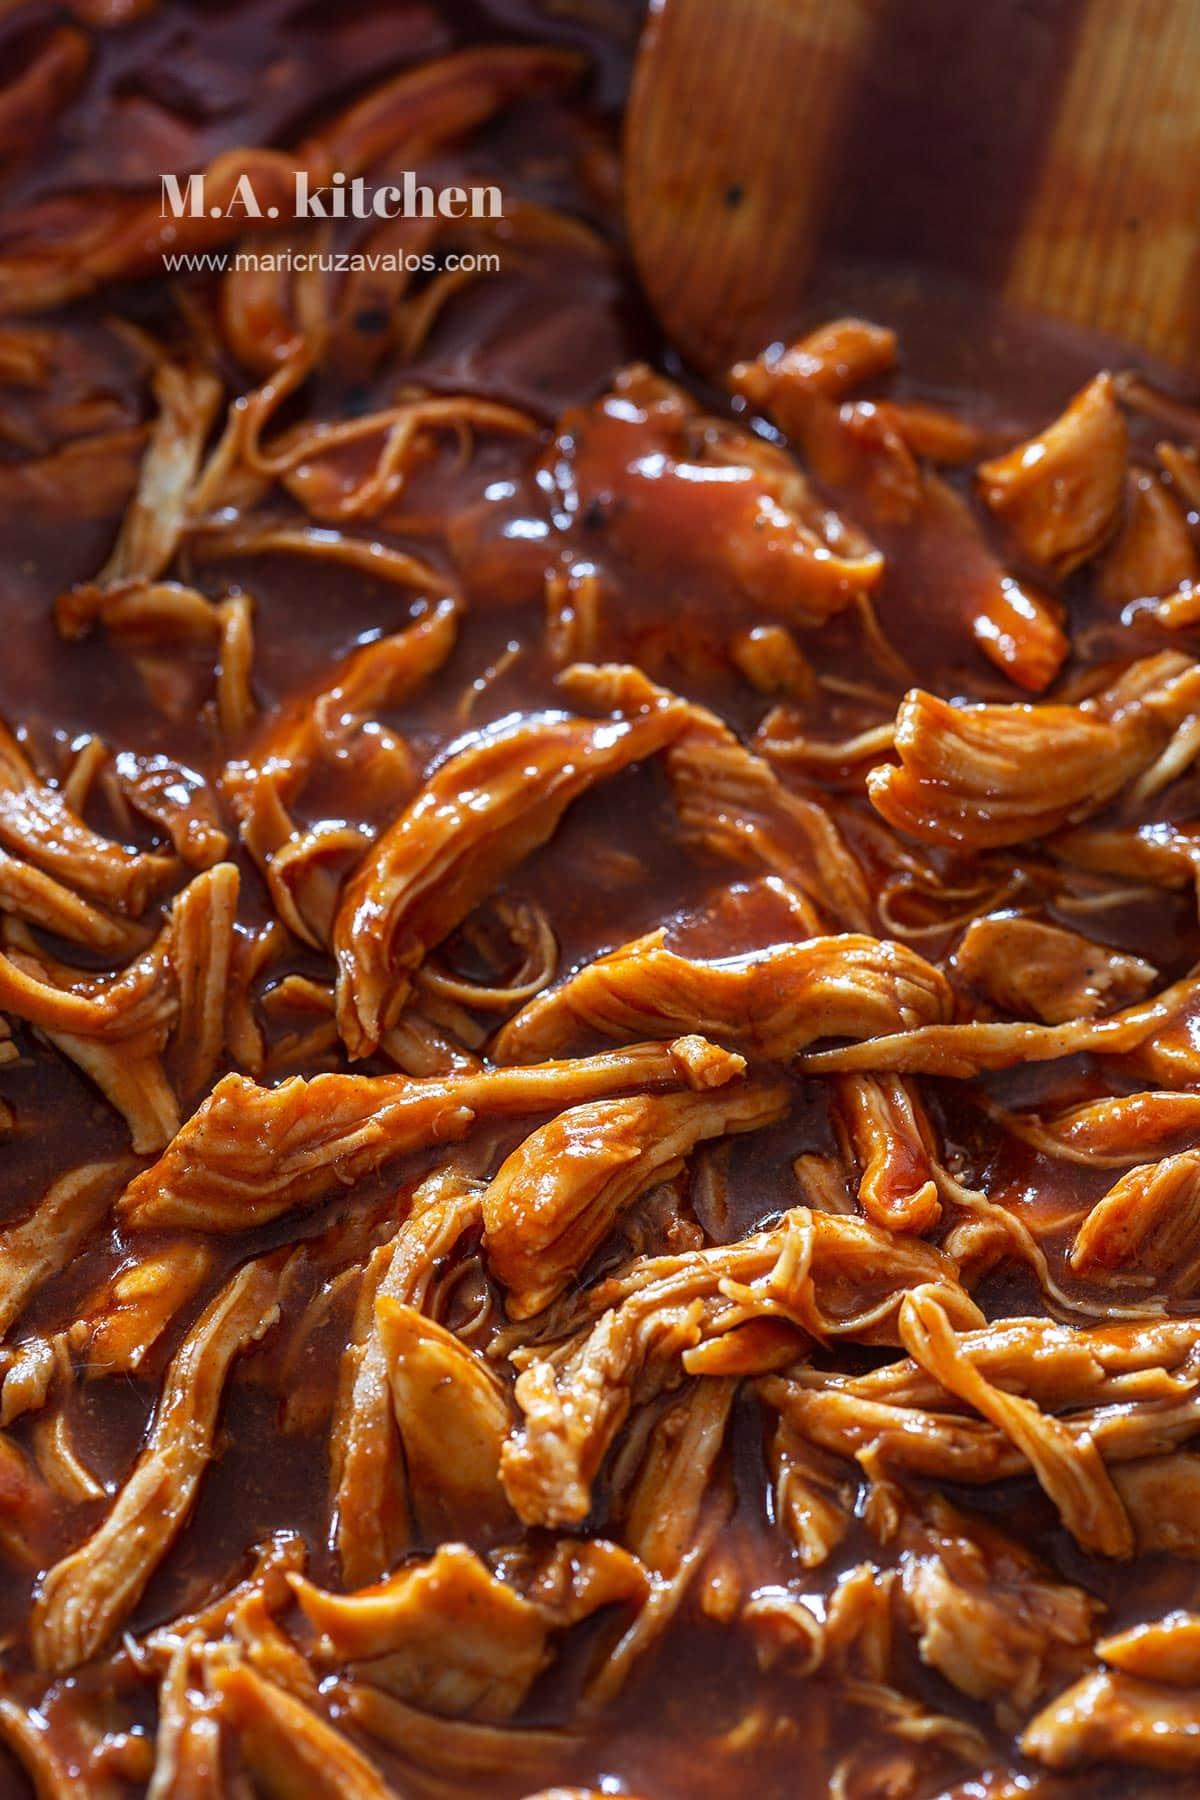 Shredded chicken in bbq sauce.